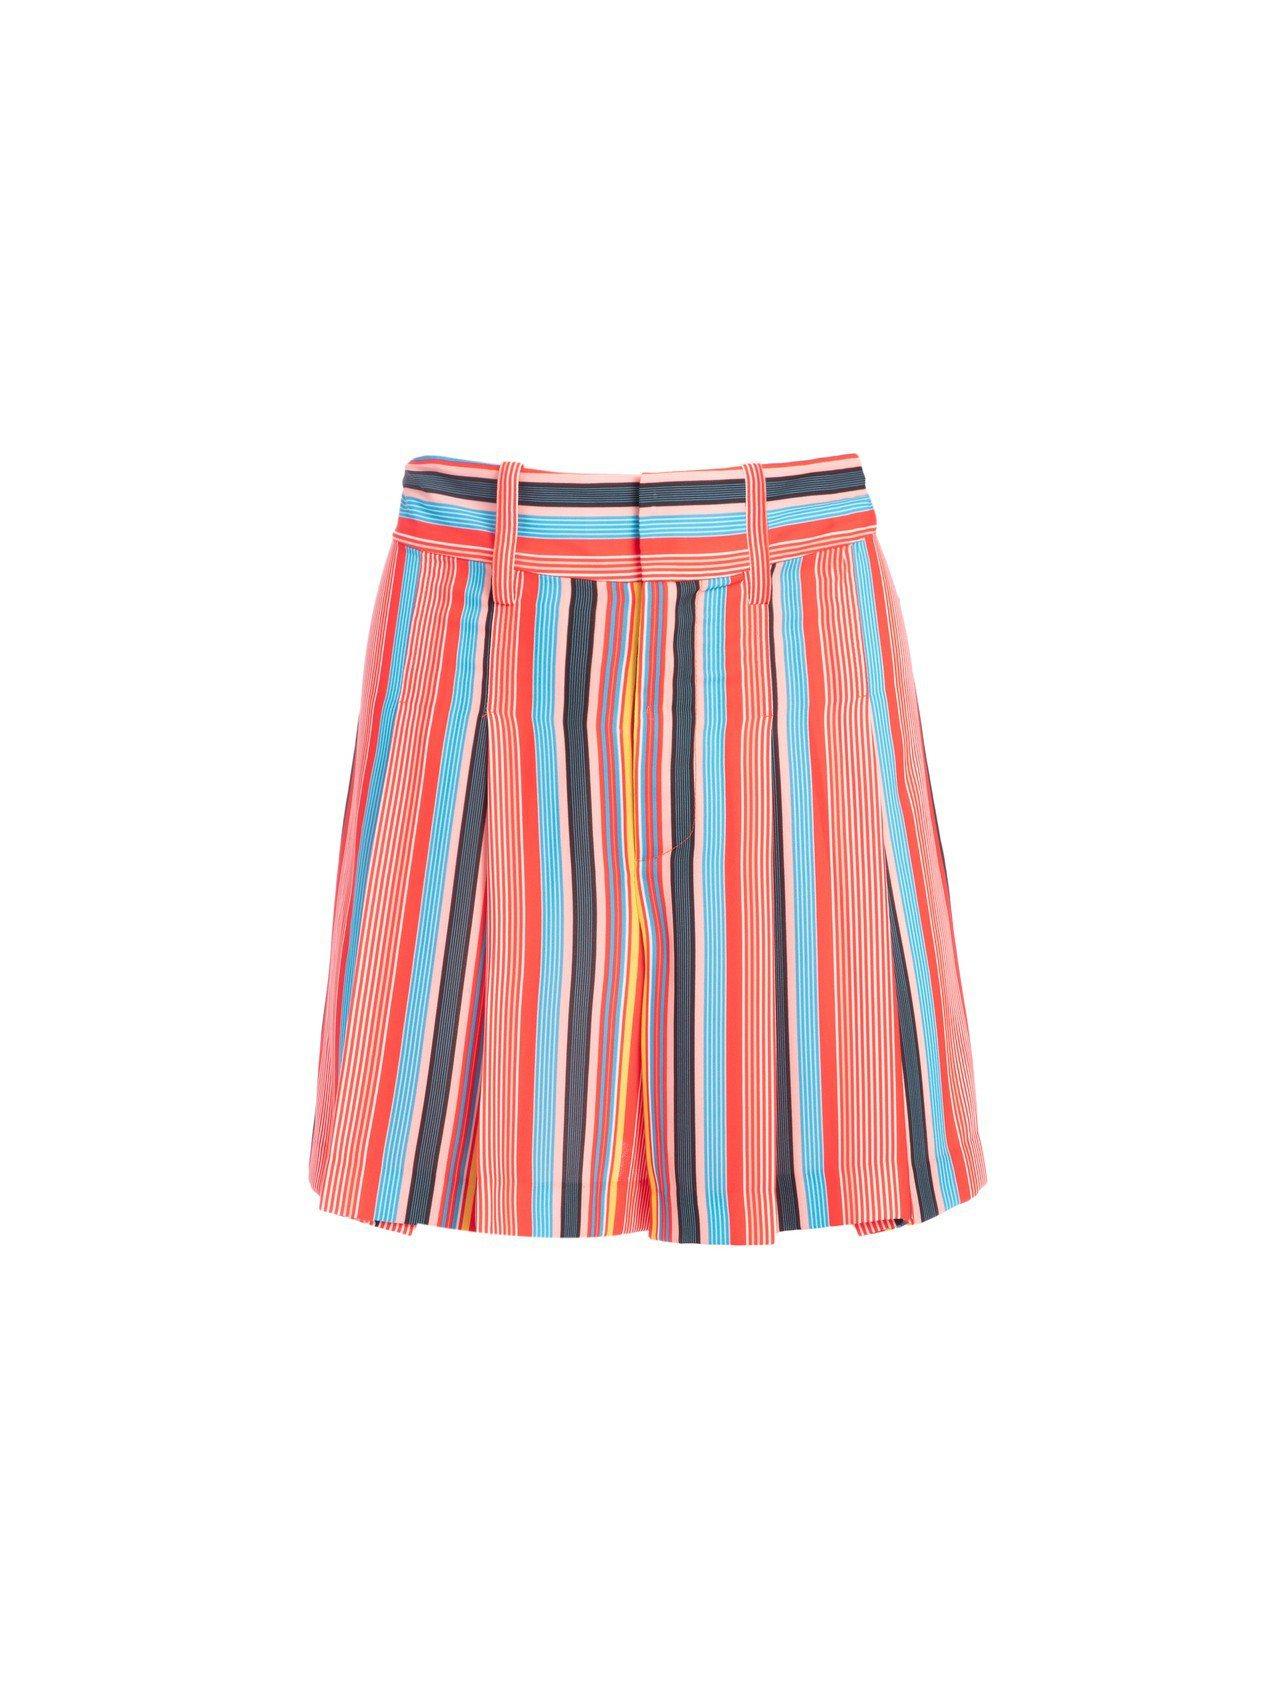 條紋短褲,10,900元。圖/Alice+Olivia提供